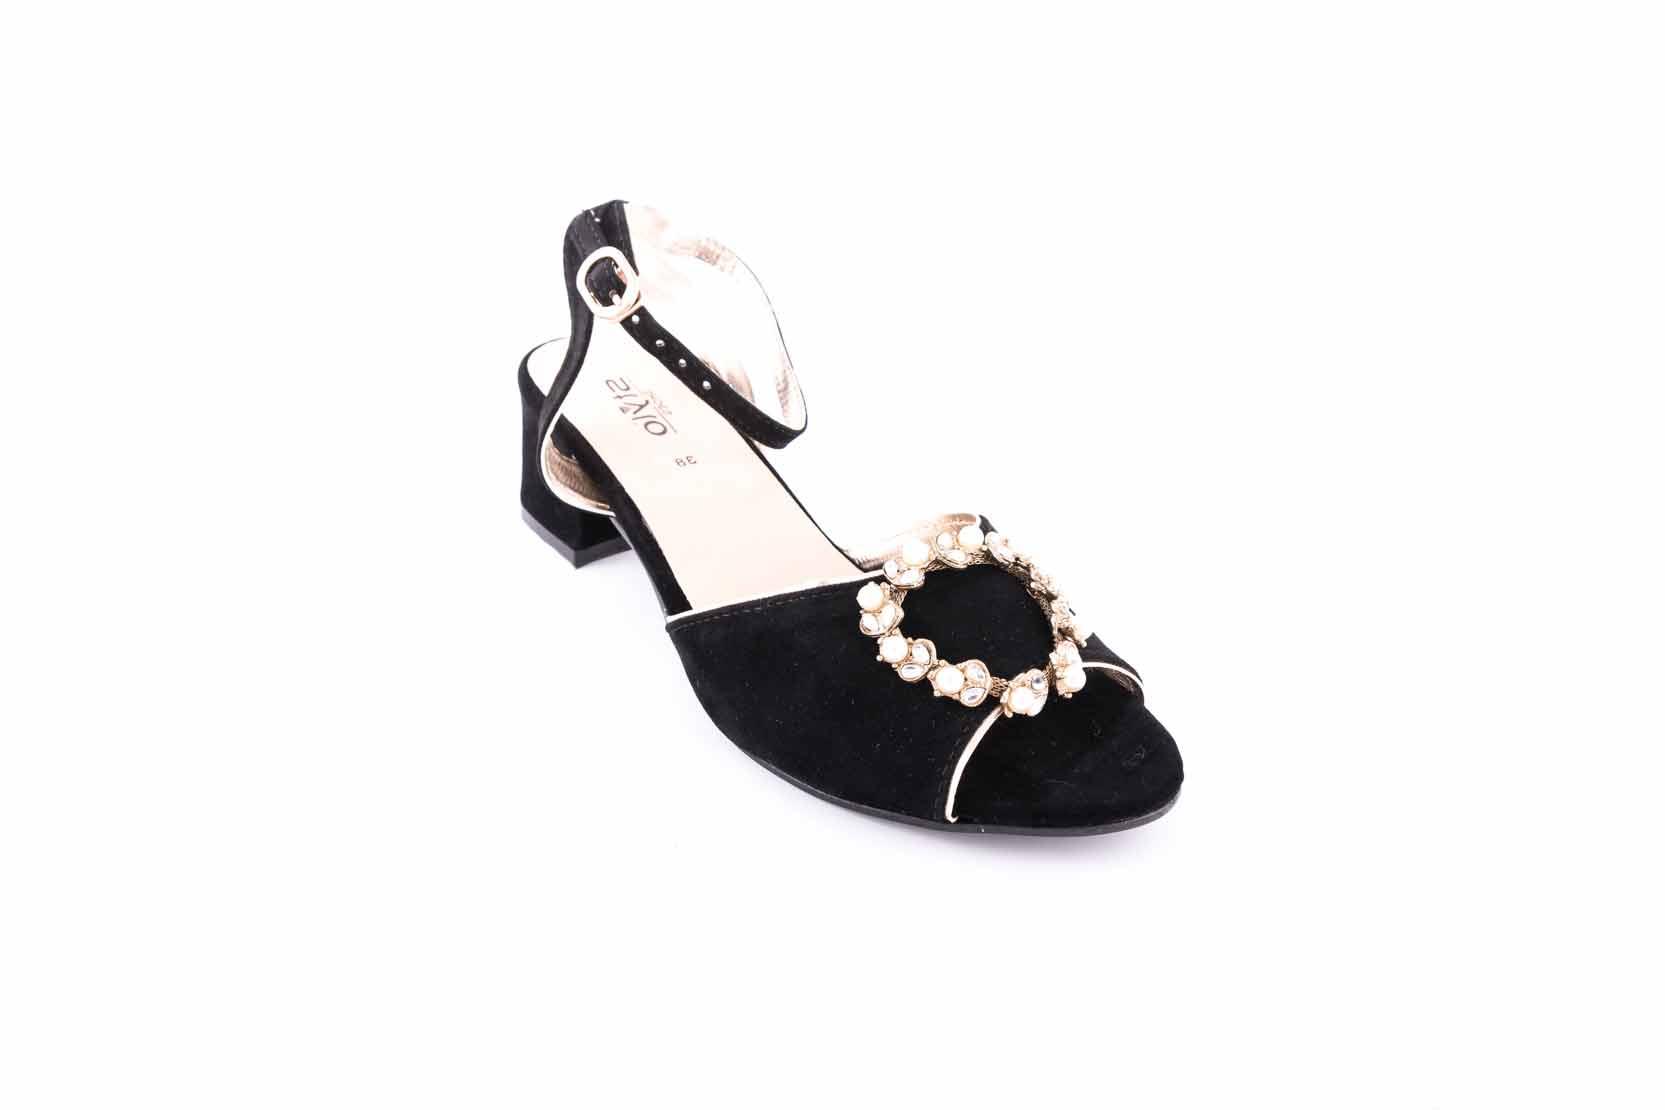 Stylo Black sandal for Eid